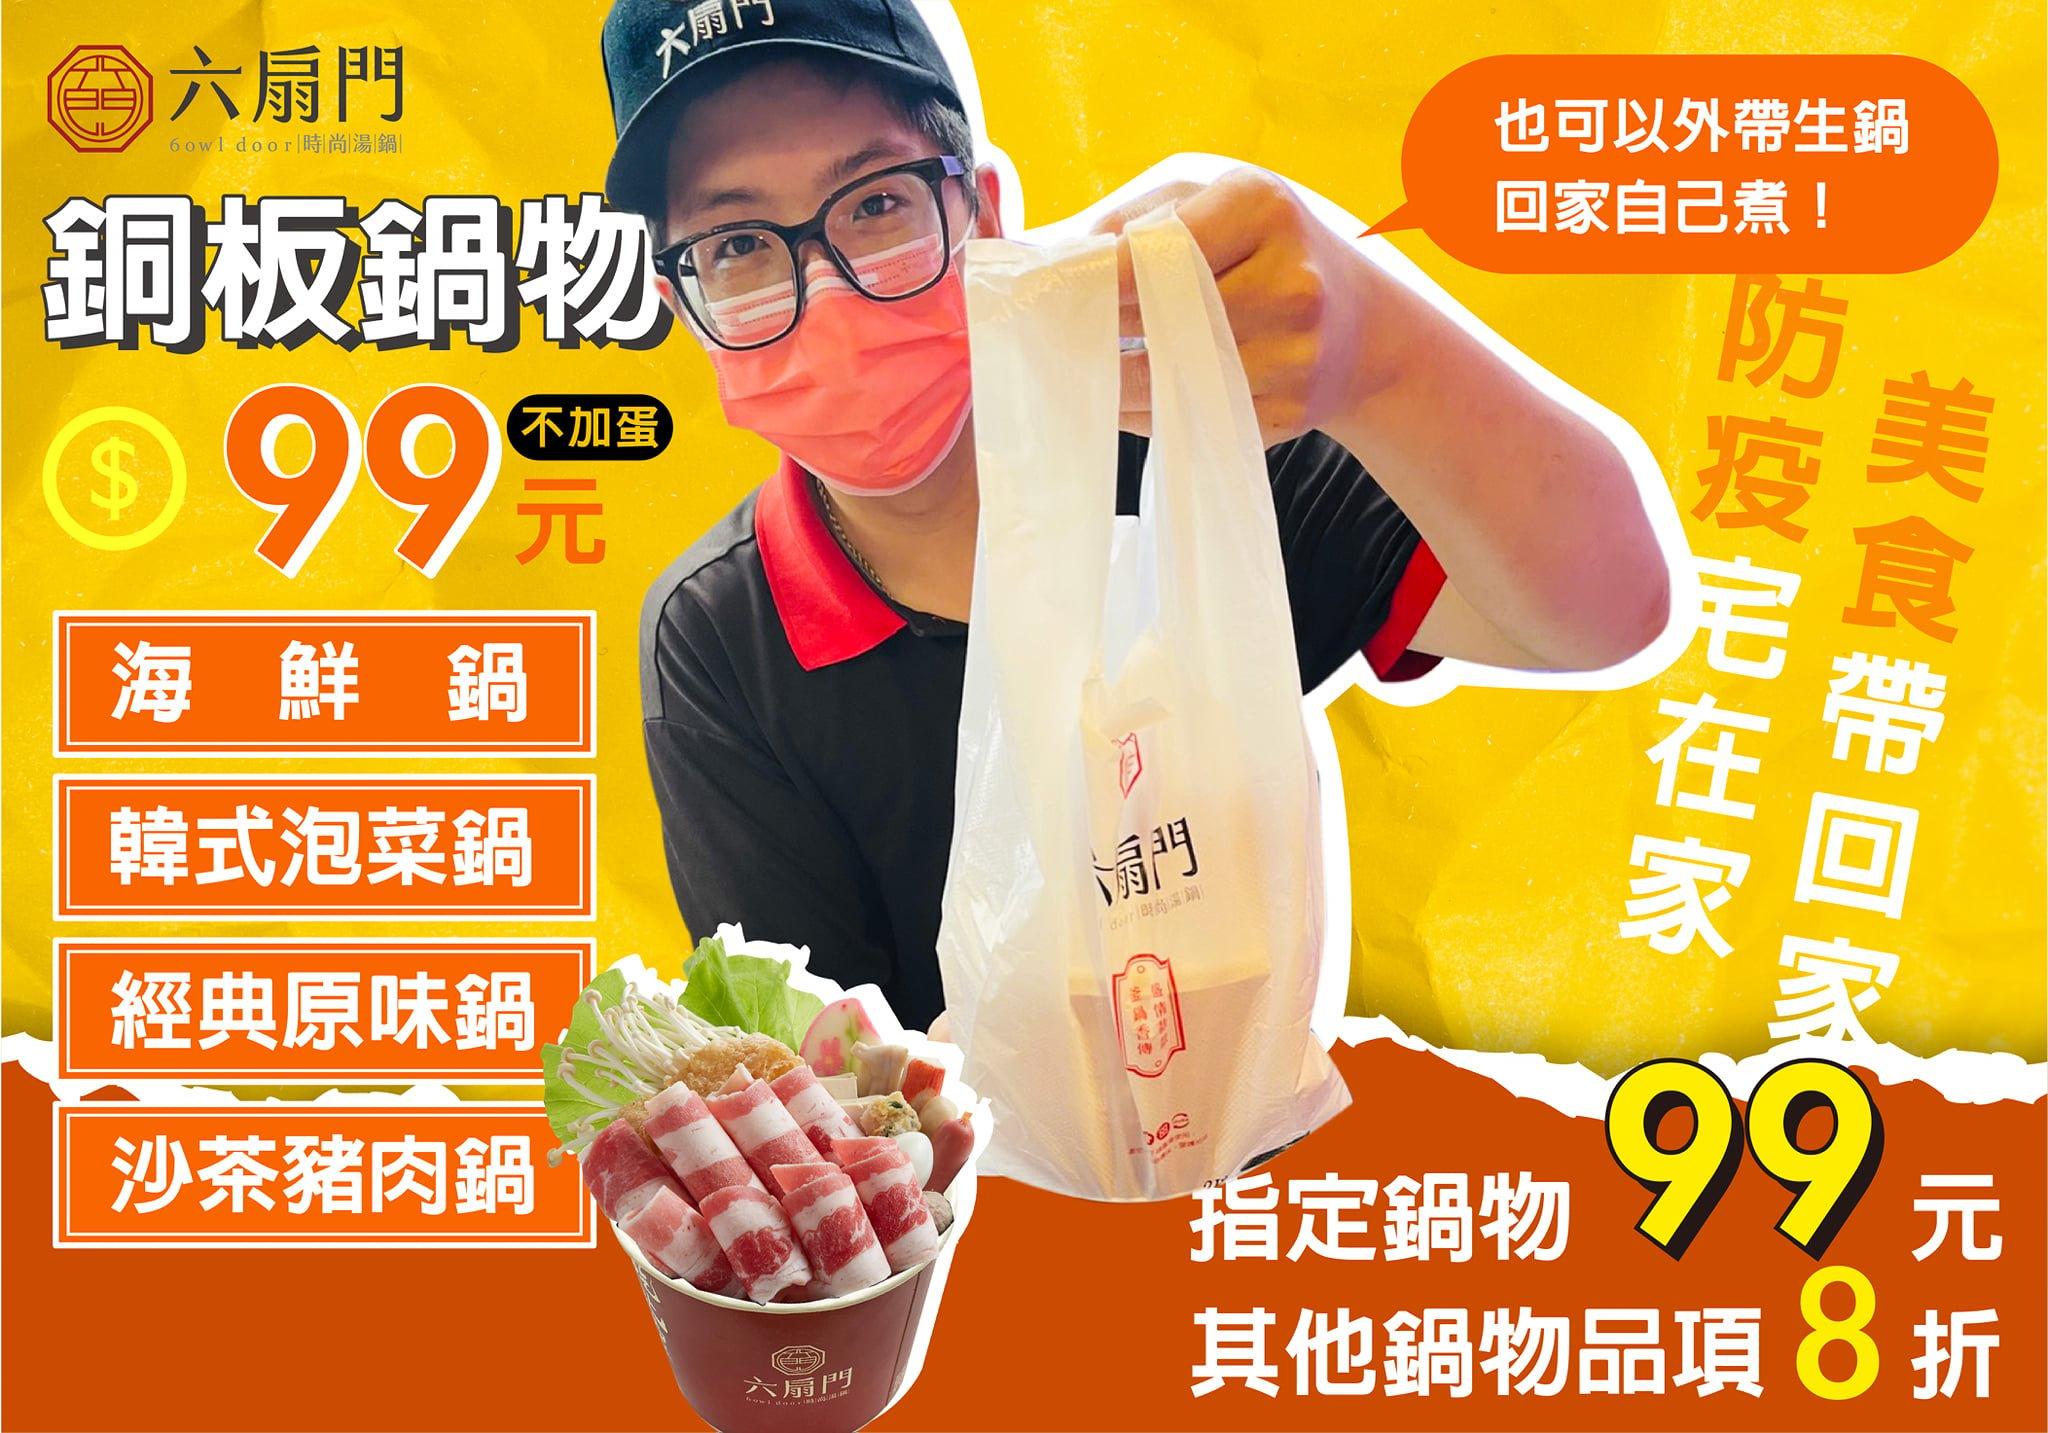 台北外帶美食 優惠餐廳總整理 防疫期間外帶優惠總整理! 連鎖品牌外帶優惠懶人包 34